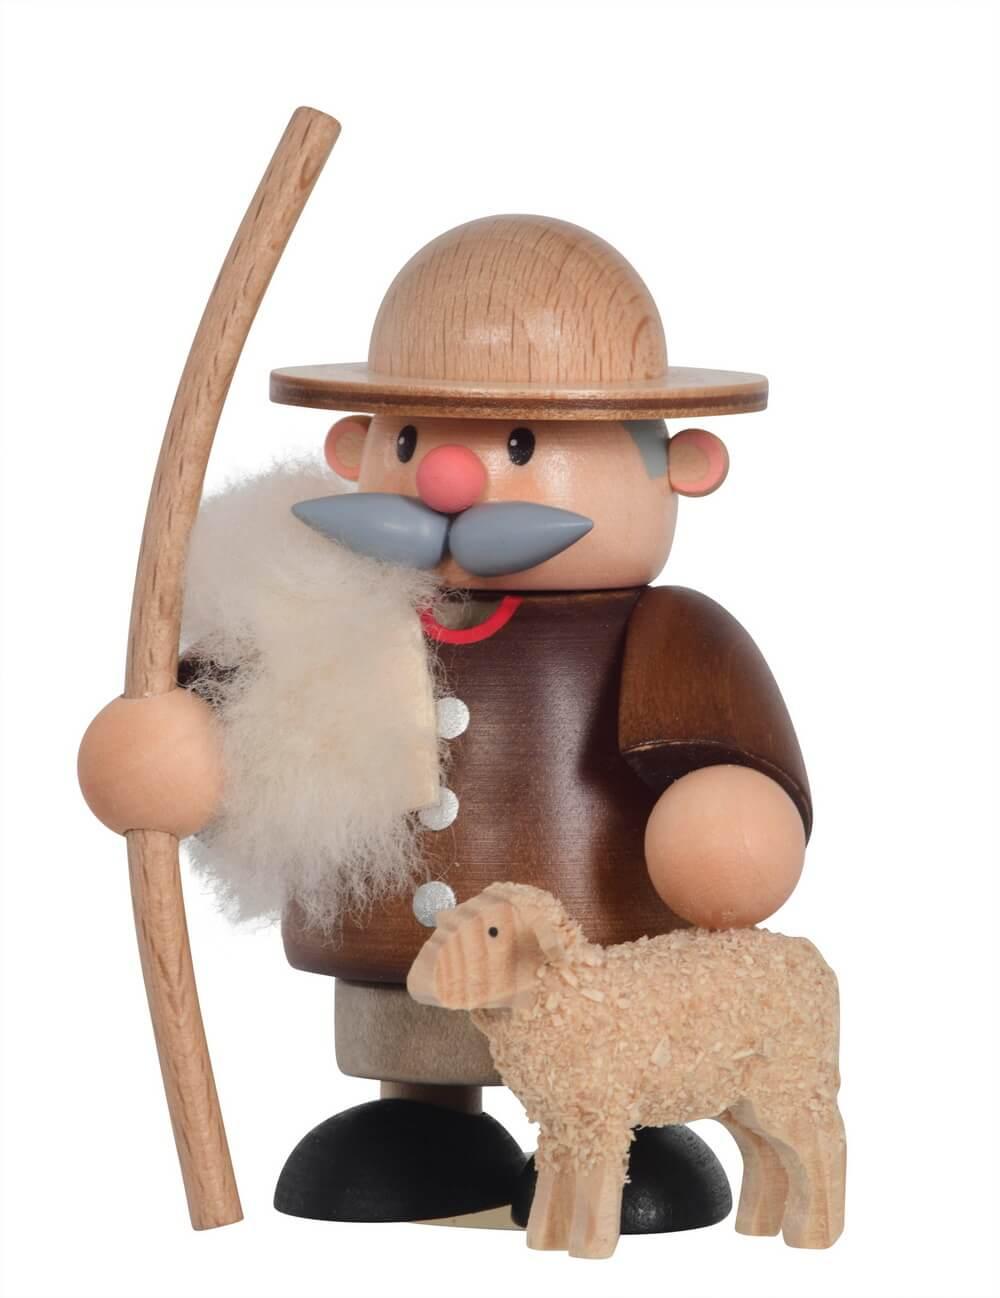 Räuchermännchen von KWO mit dem Motiv eines Schäfers, 11 cm